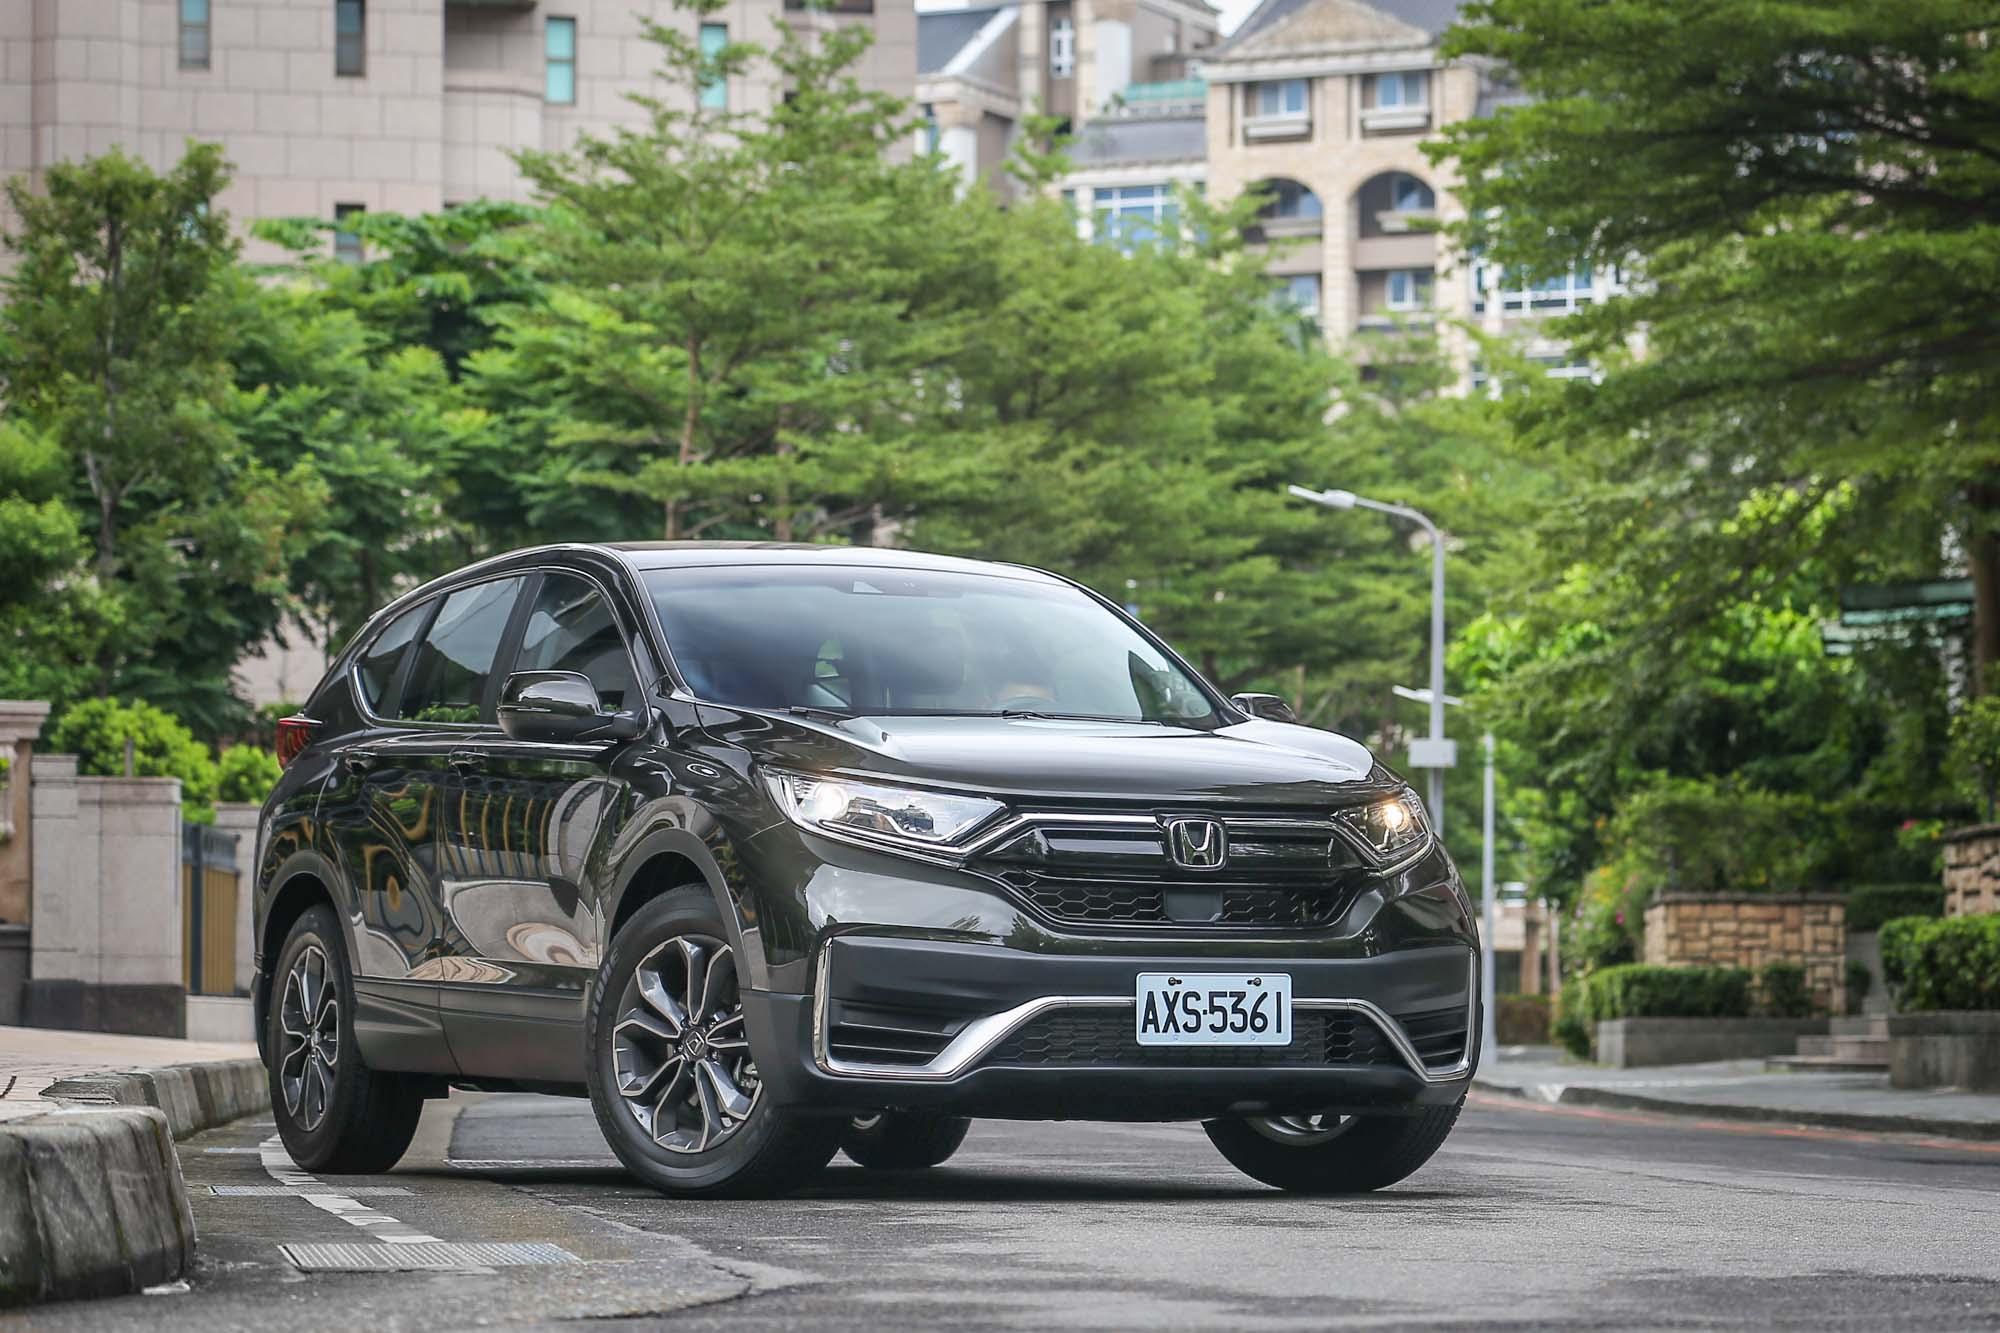 小改款 CR-V 於 9 月 3 日發表、9 月 5 日店頭上市後,短短不到一個月的時間,迅速累積 2,000 張以上訂單。